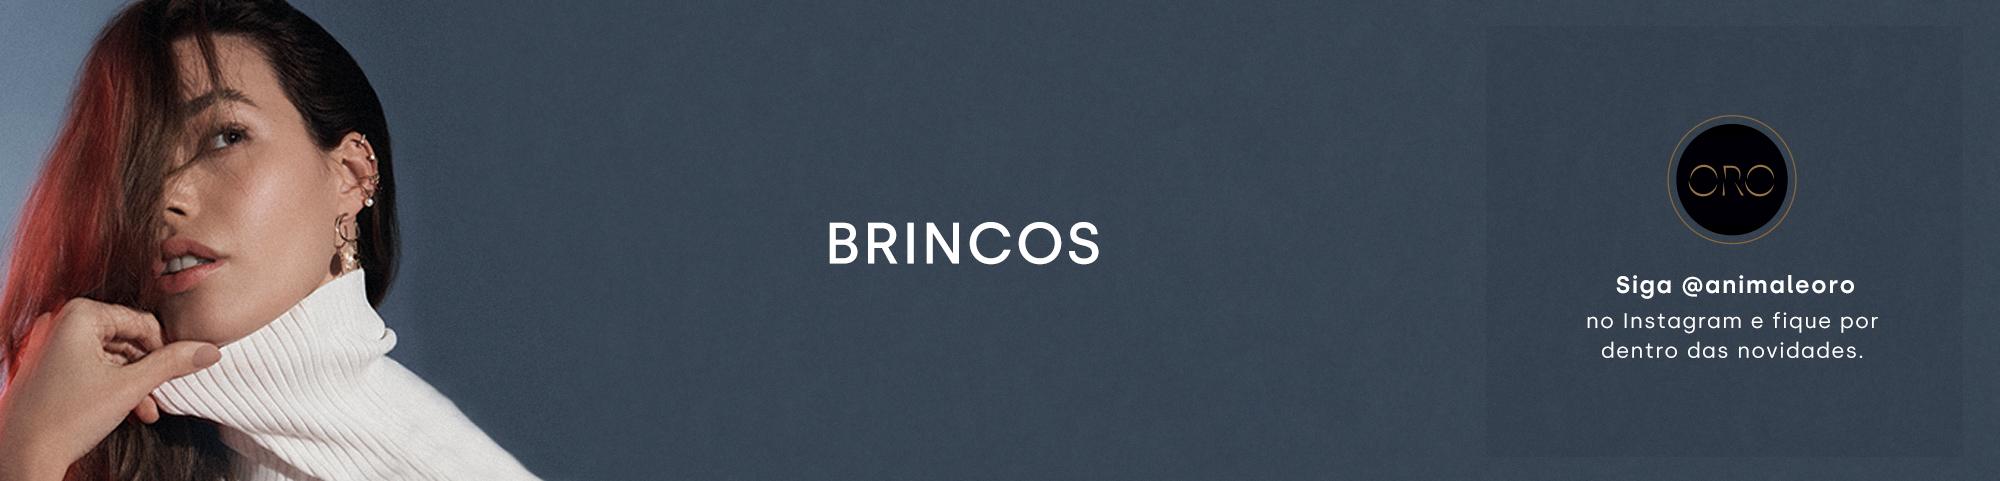 Banner Joias Brincos